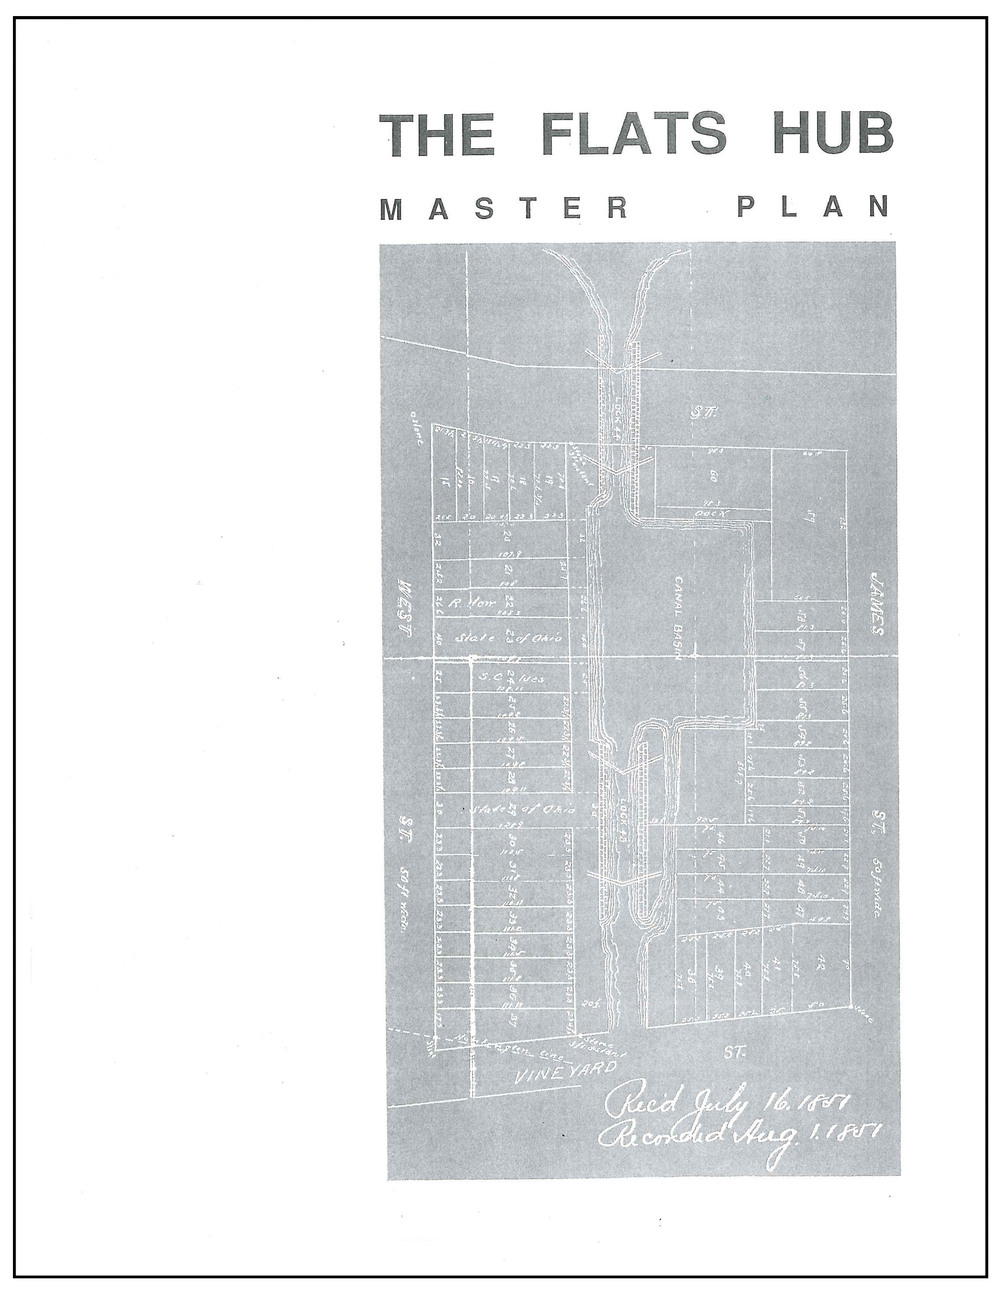 The Flats Hub Master Plan 1990